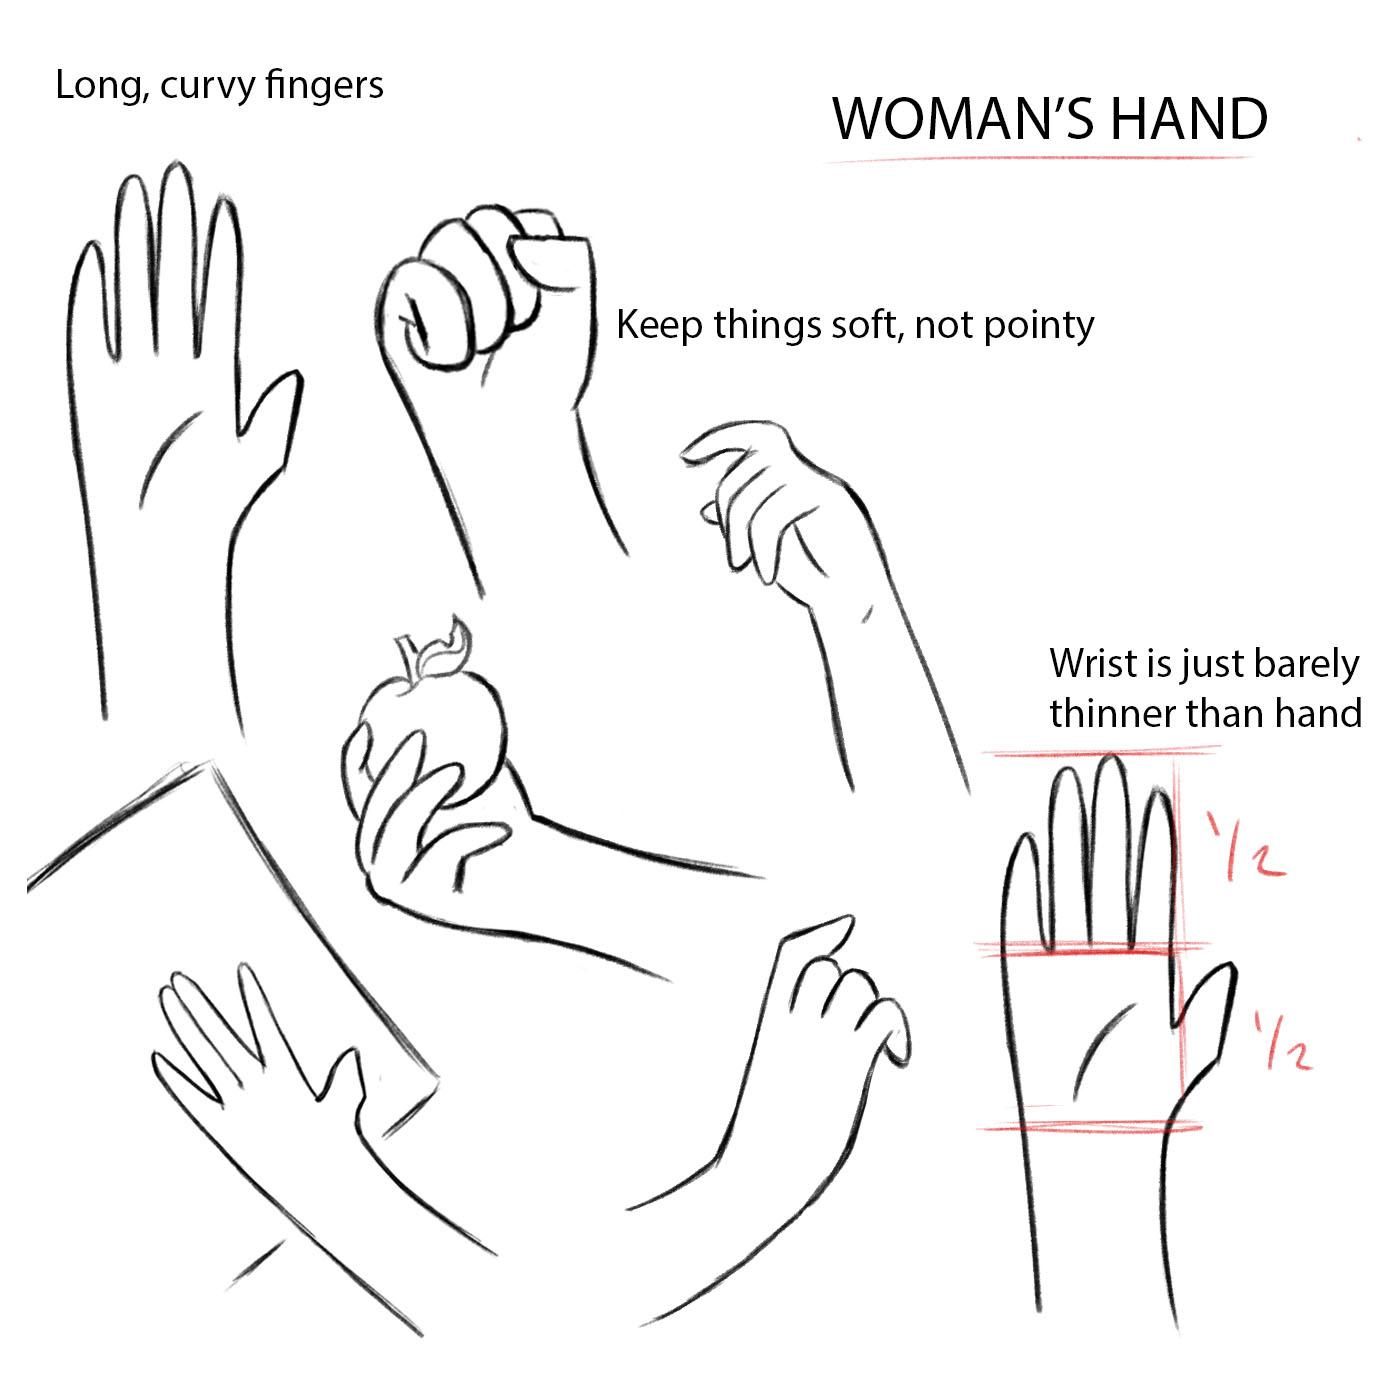 Hand Sheet - Woman